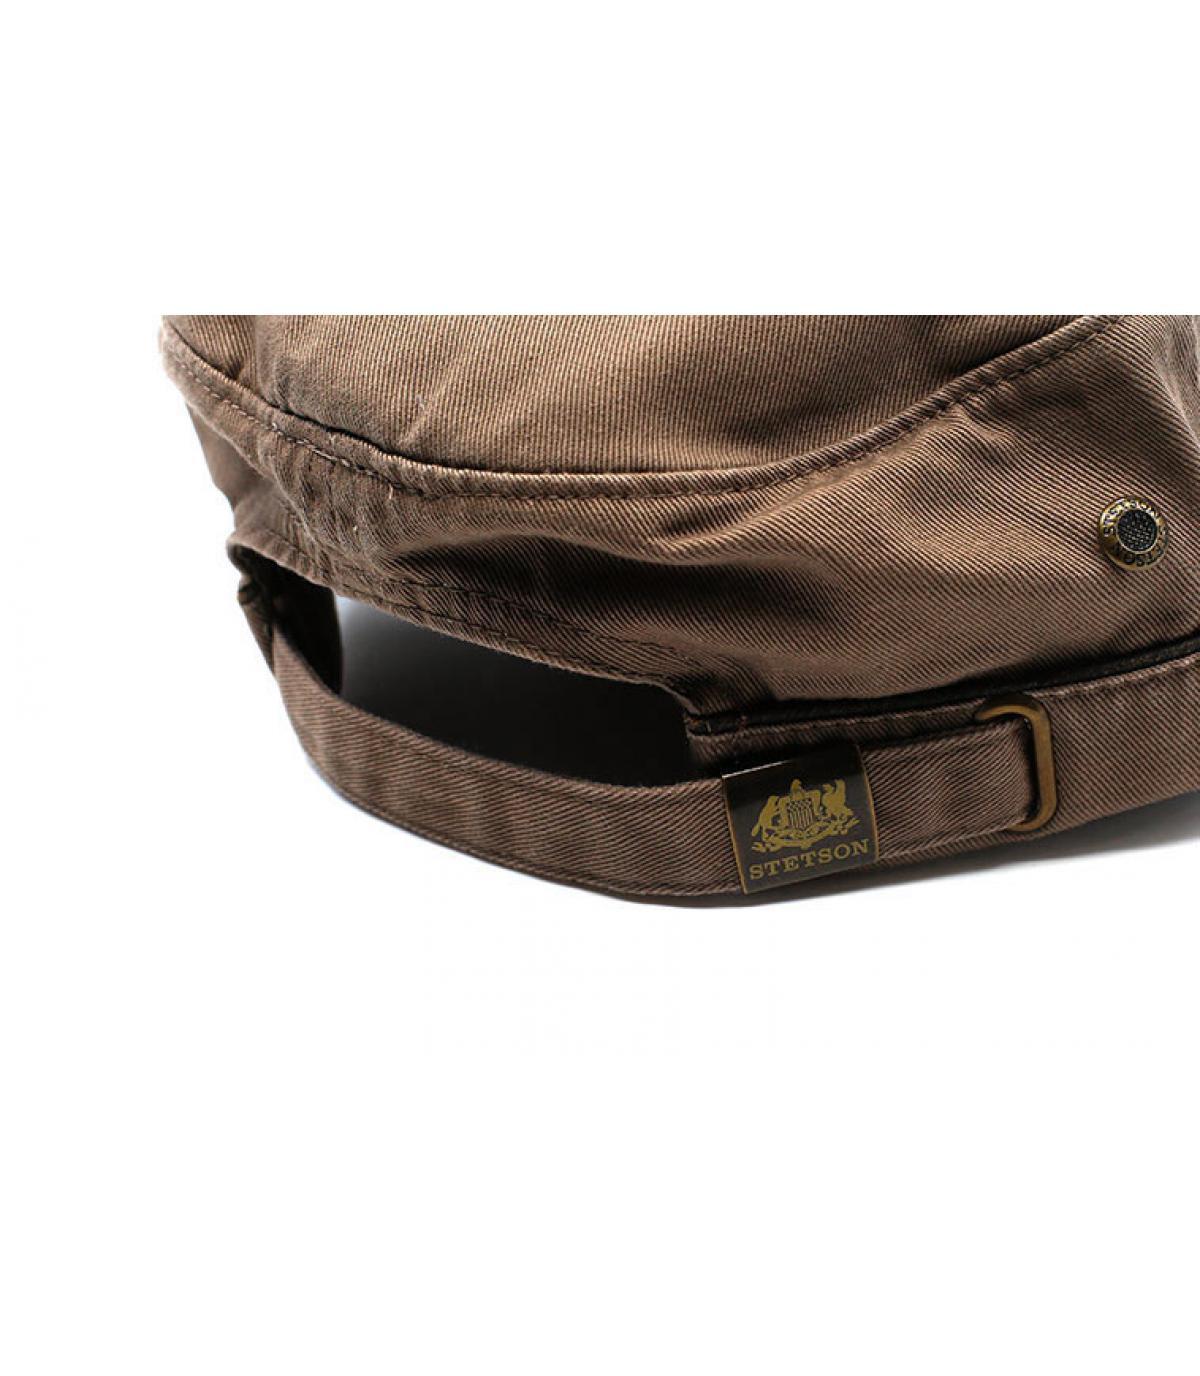 Détails Army Cap Cotton brown - image 5